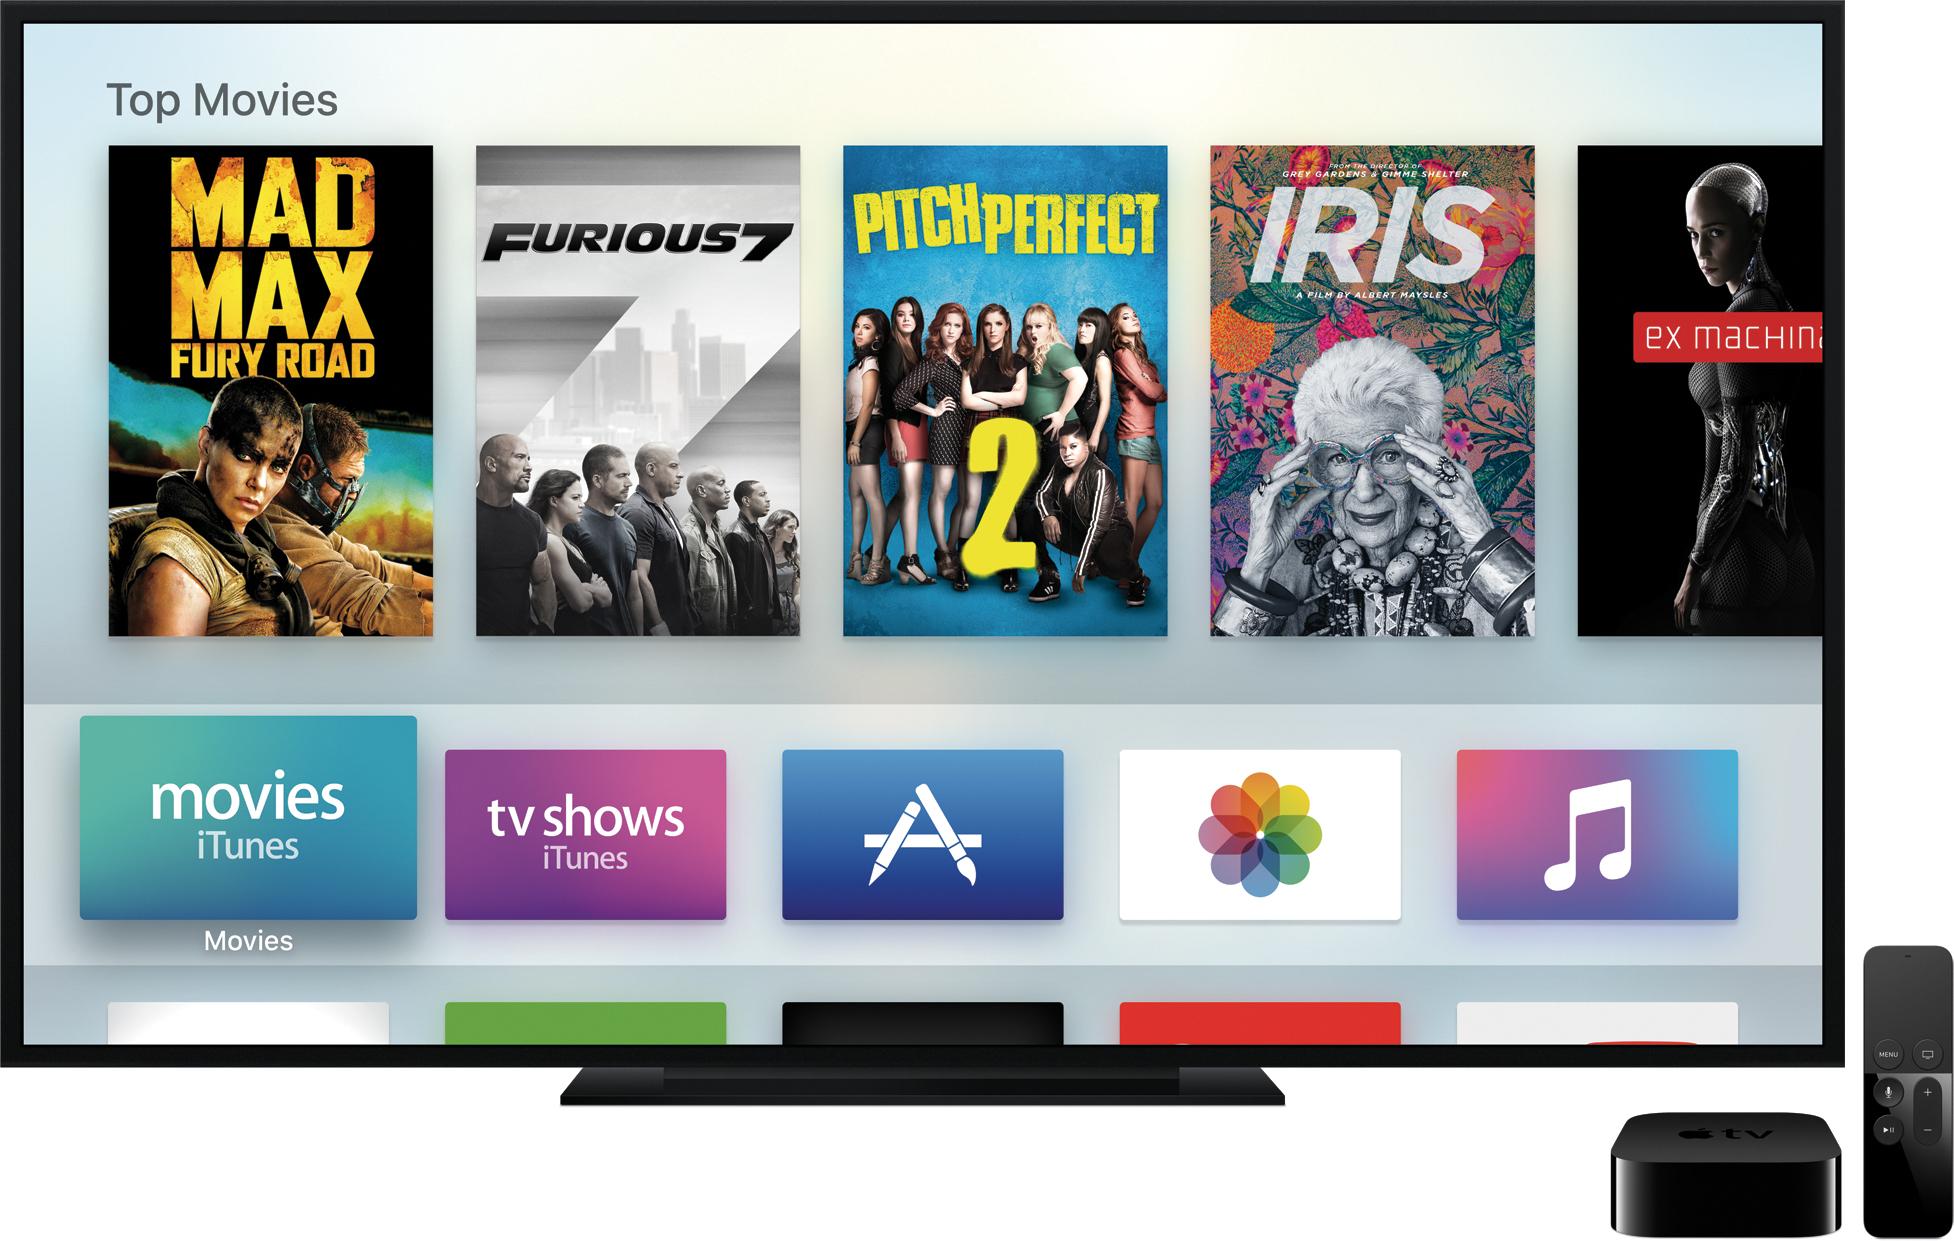 Nova Apple TV ao lado do controle remoto com a tela inicial do tvOS